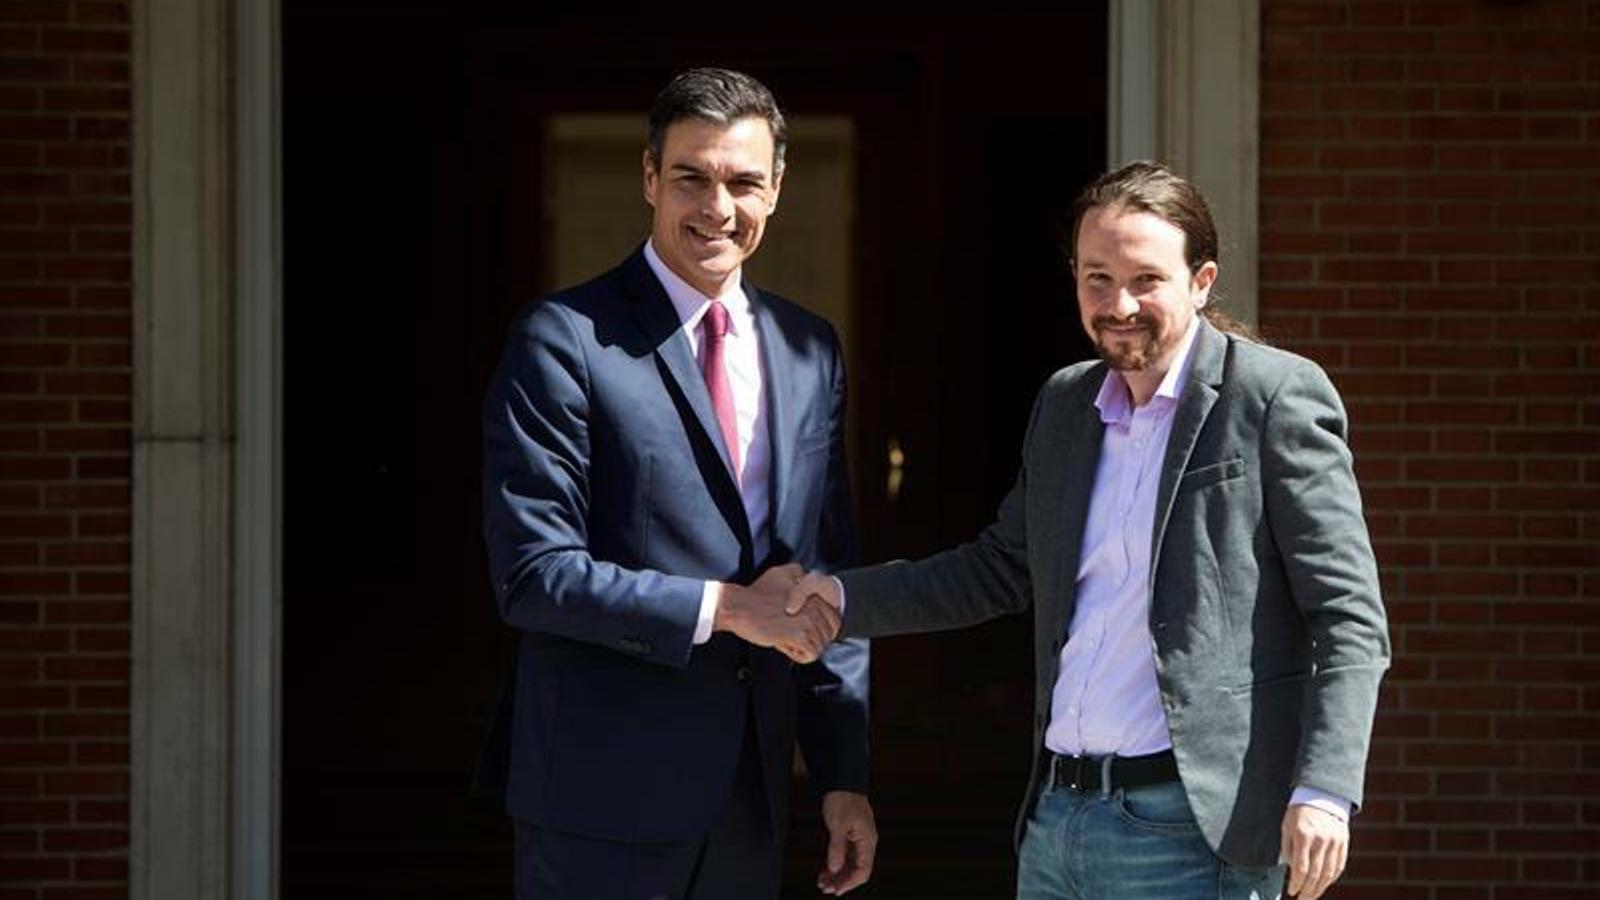 PSOE i Unides Podem topen per l'acord amb EH Bildu per derogar la reforma laboral